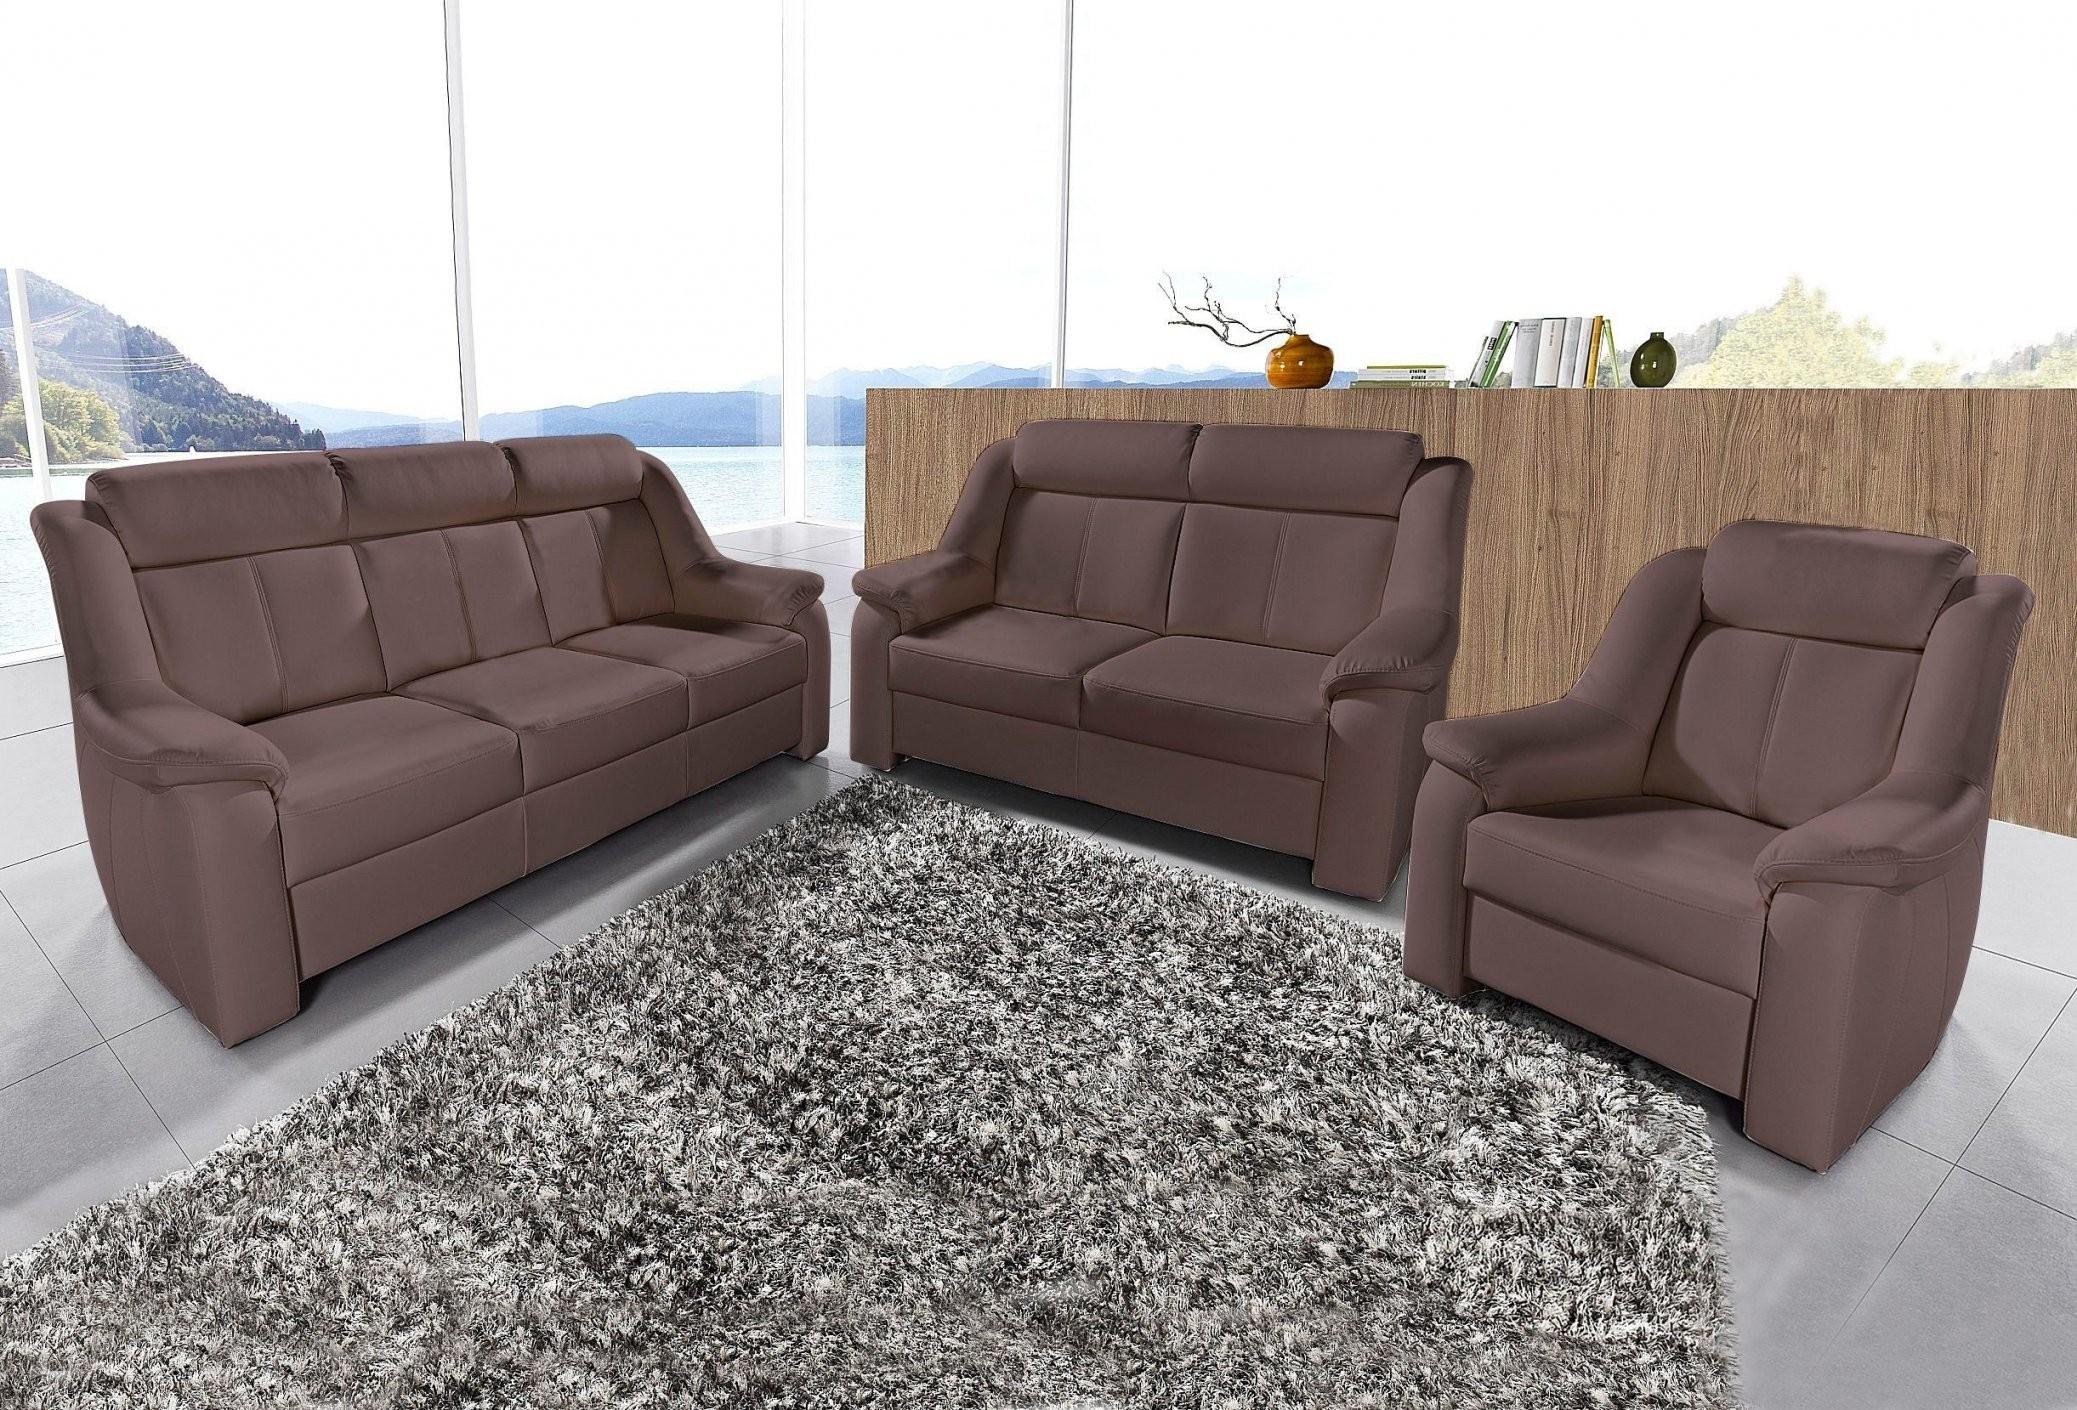 2 Sessel  Wohnzimmer Einrichten Prunk Design Sitzmöbel Spar Set 2 von 3 Sitzer Sofa Und 2 Sessel Photo